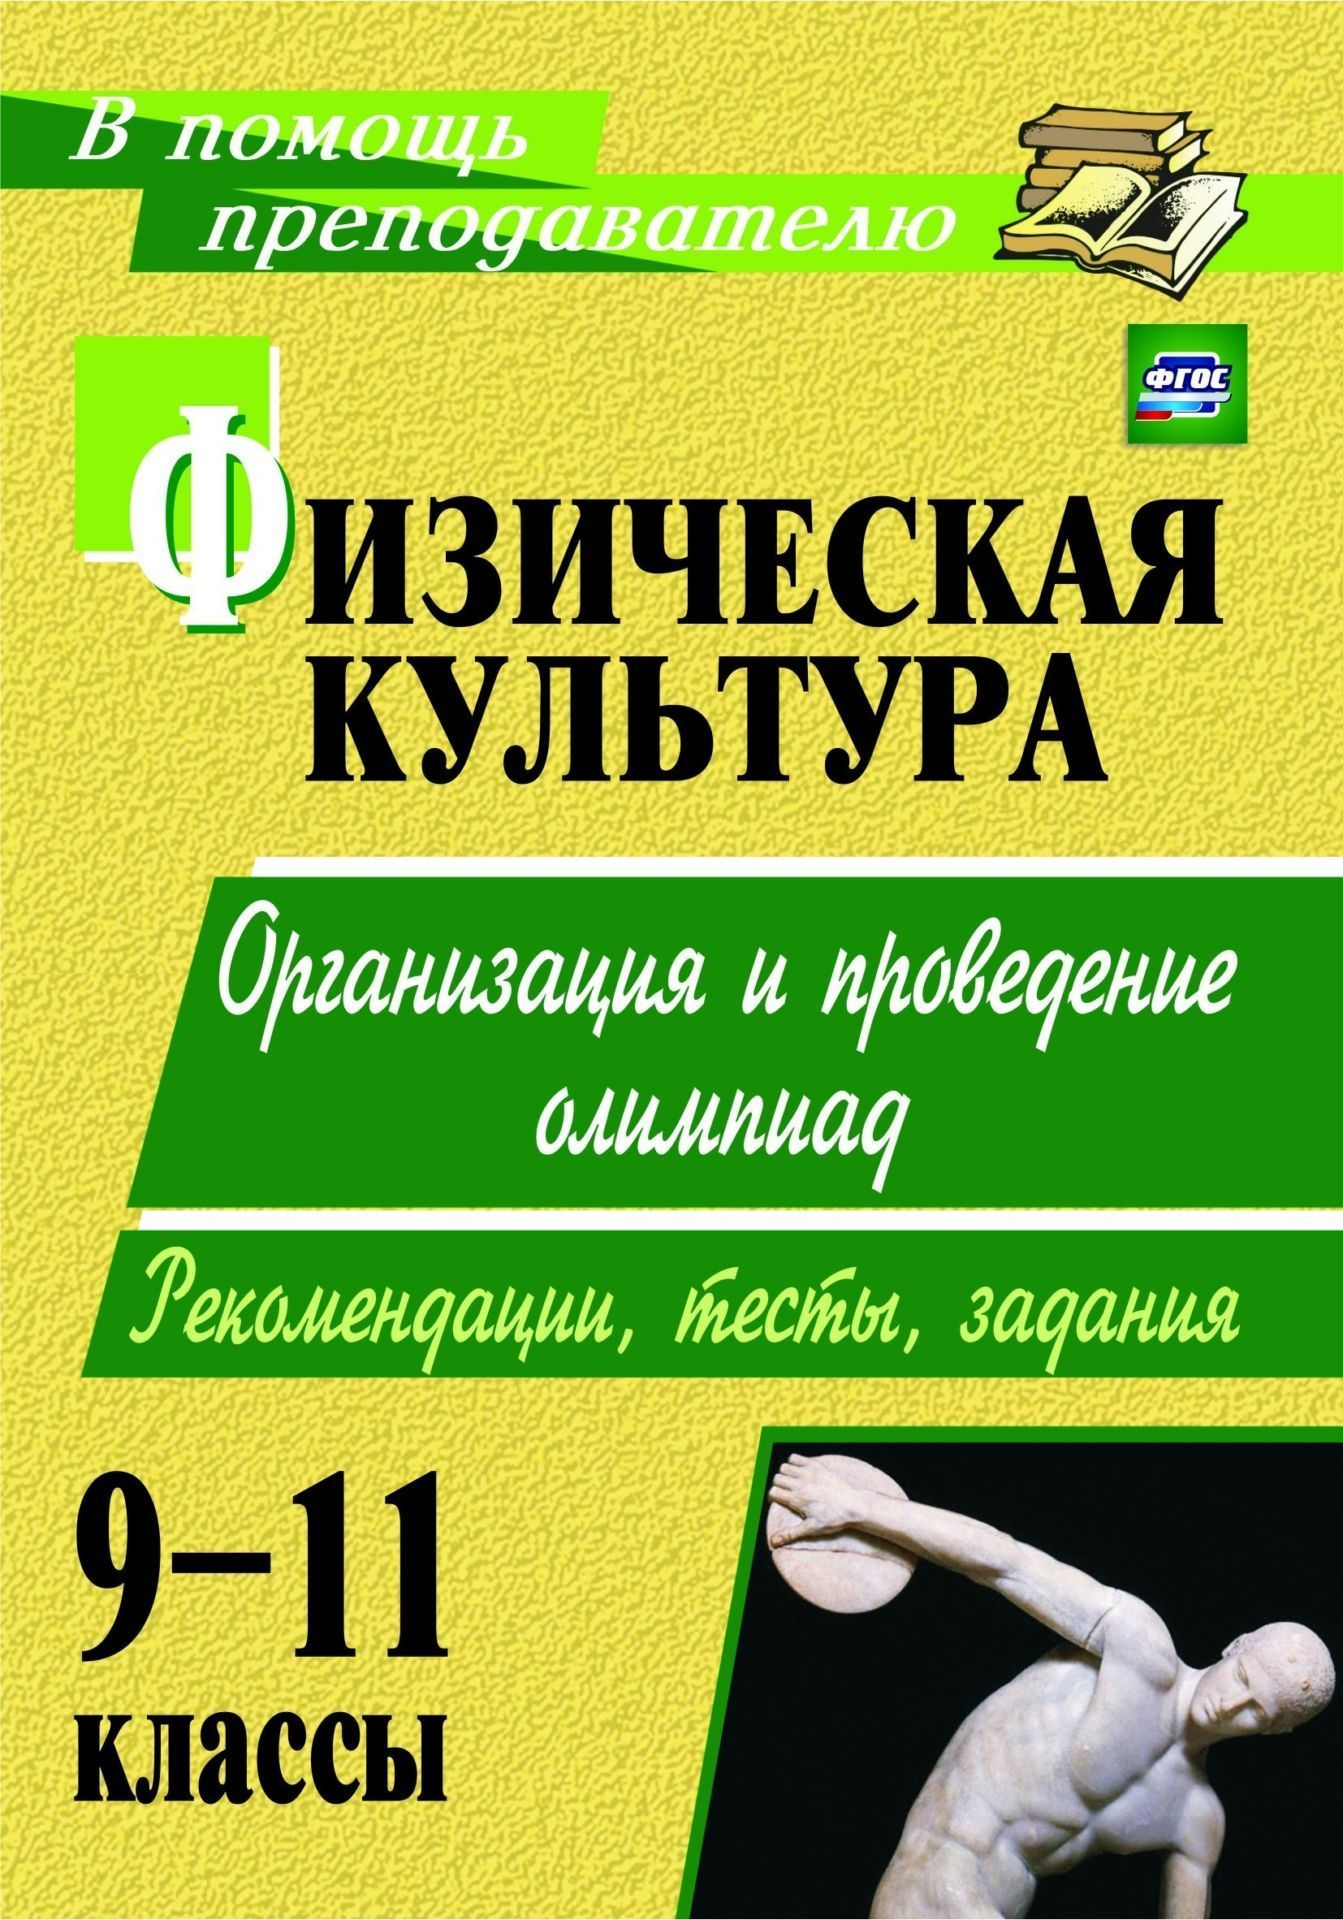 Физическая культура. 9-11 классы: организация и проведение олимпиад. Рекомендации, тесты, задания